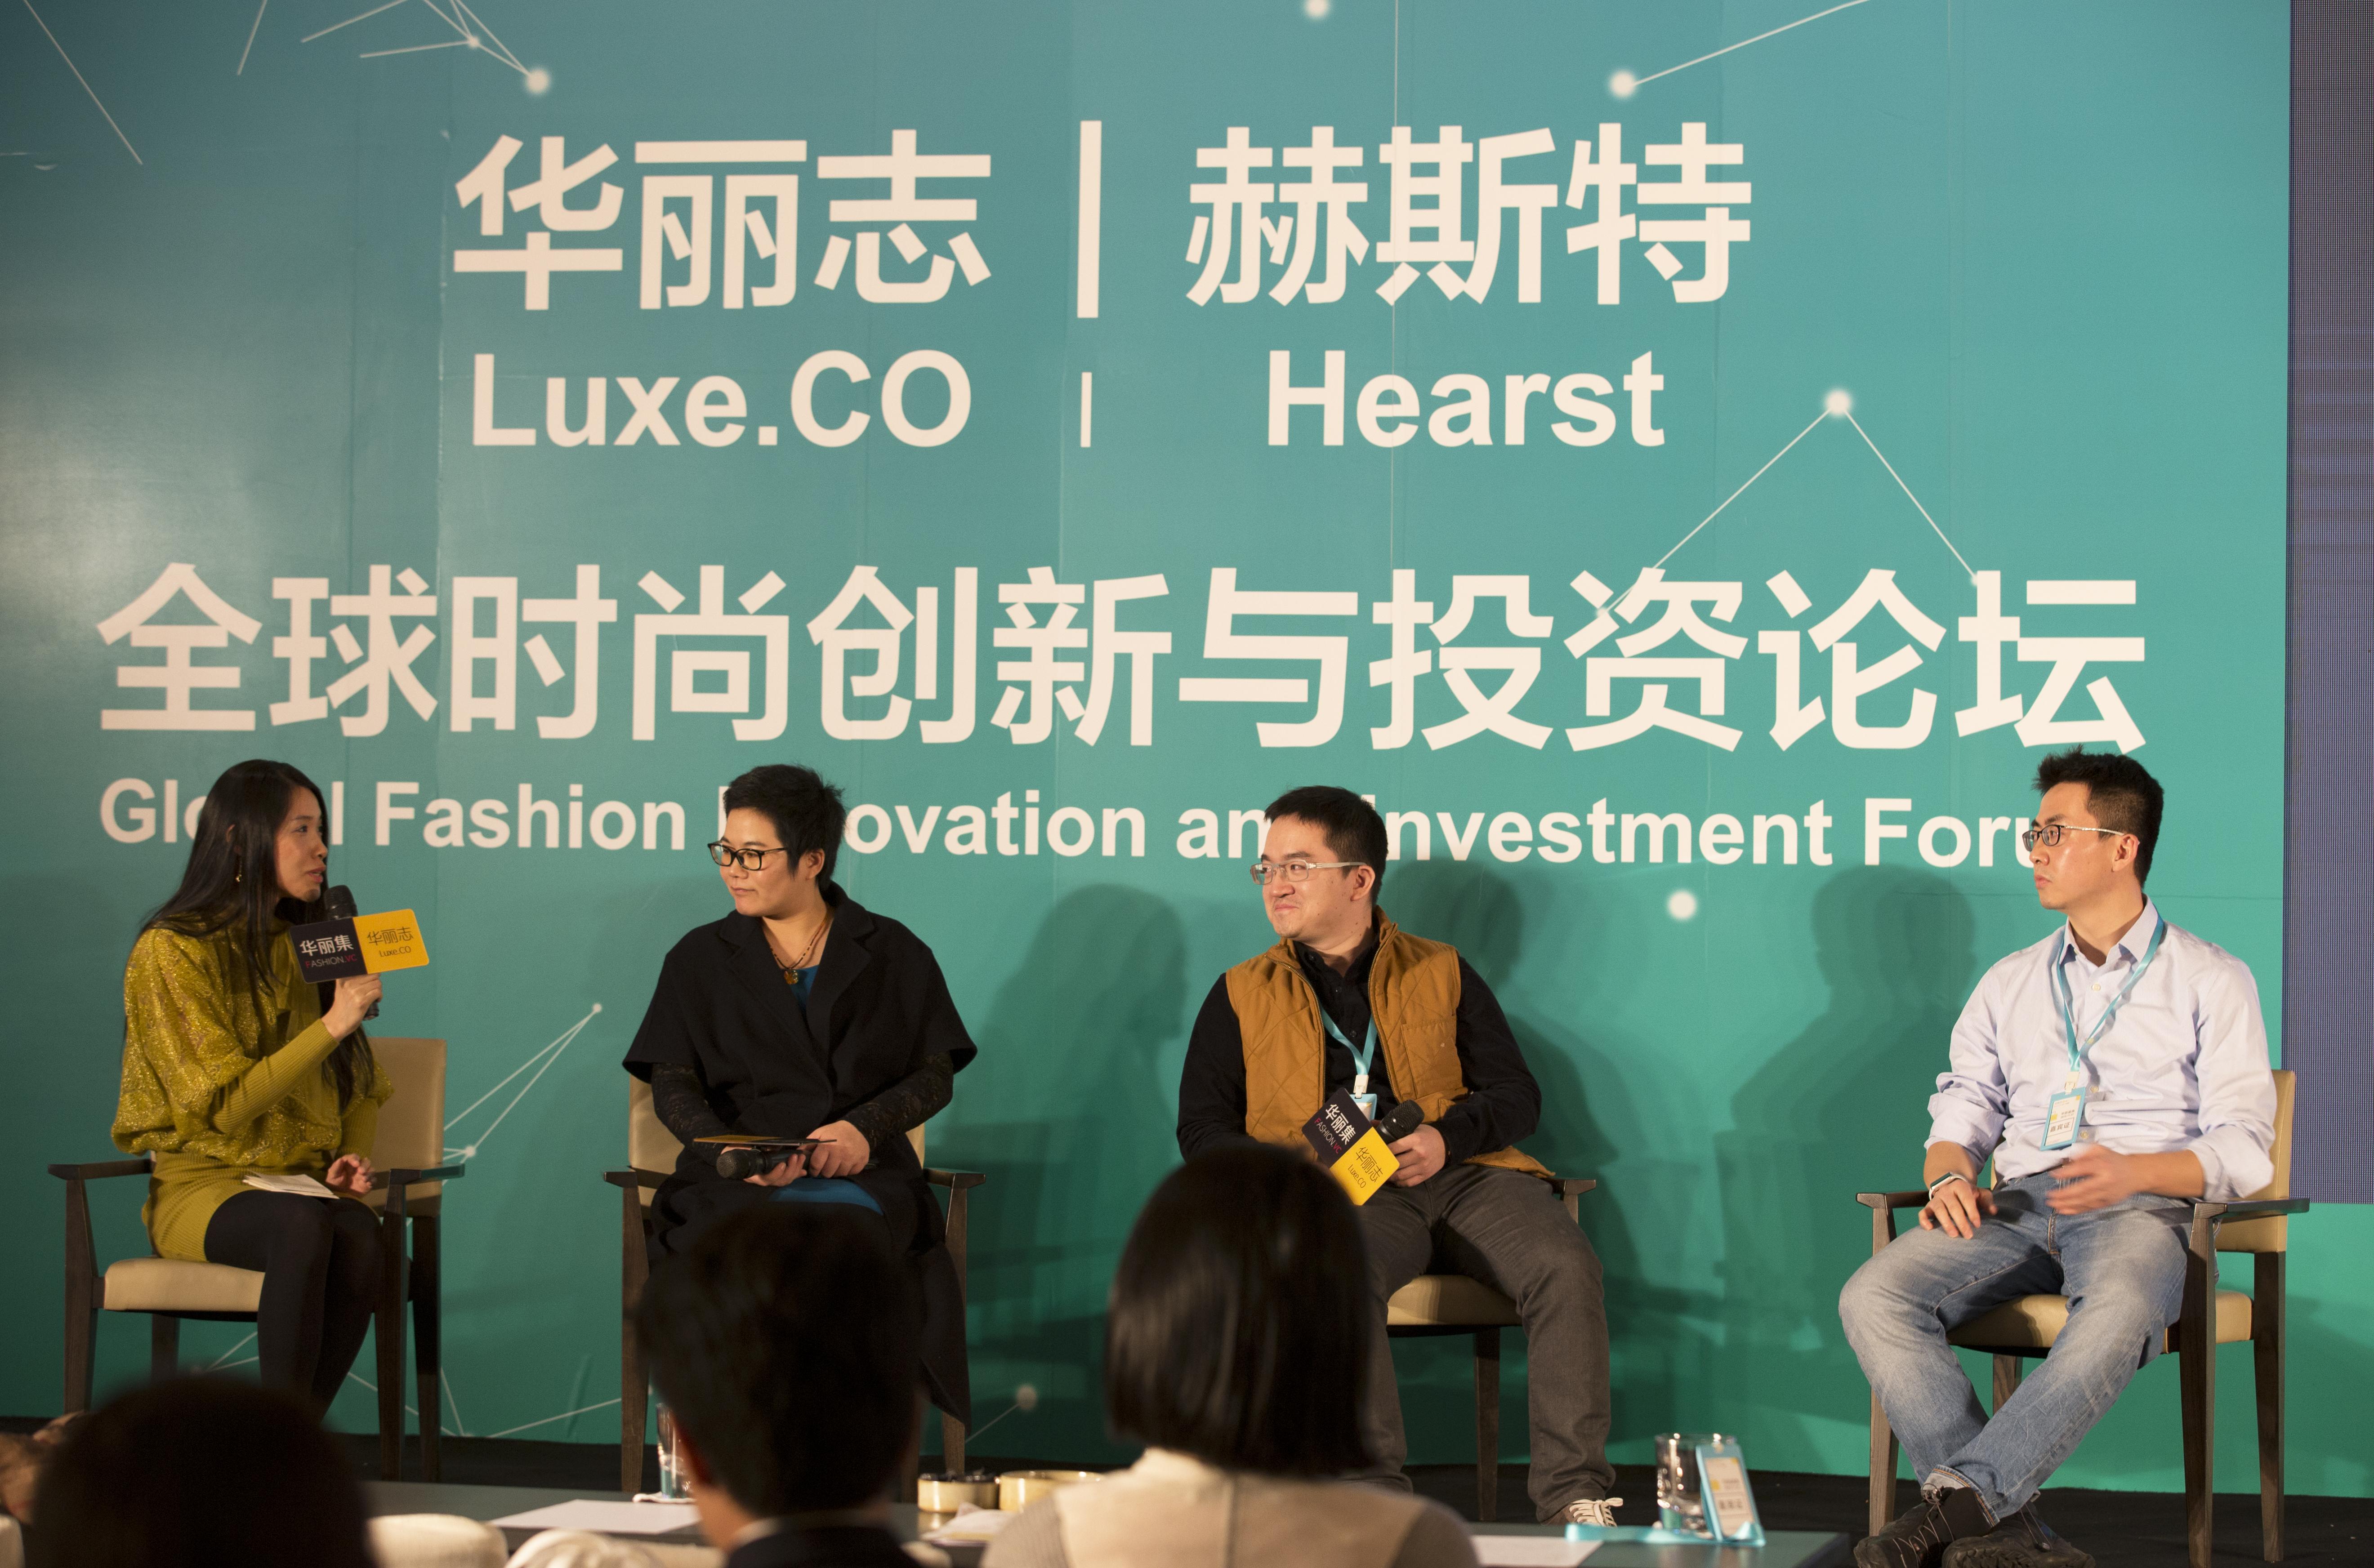 中国时尚消费领域的投资机会究竟在哪里?华丽盛典圆桌论坛精彩实录